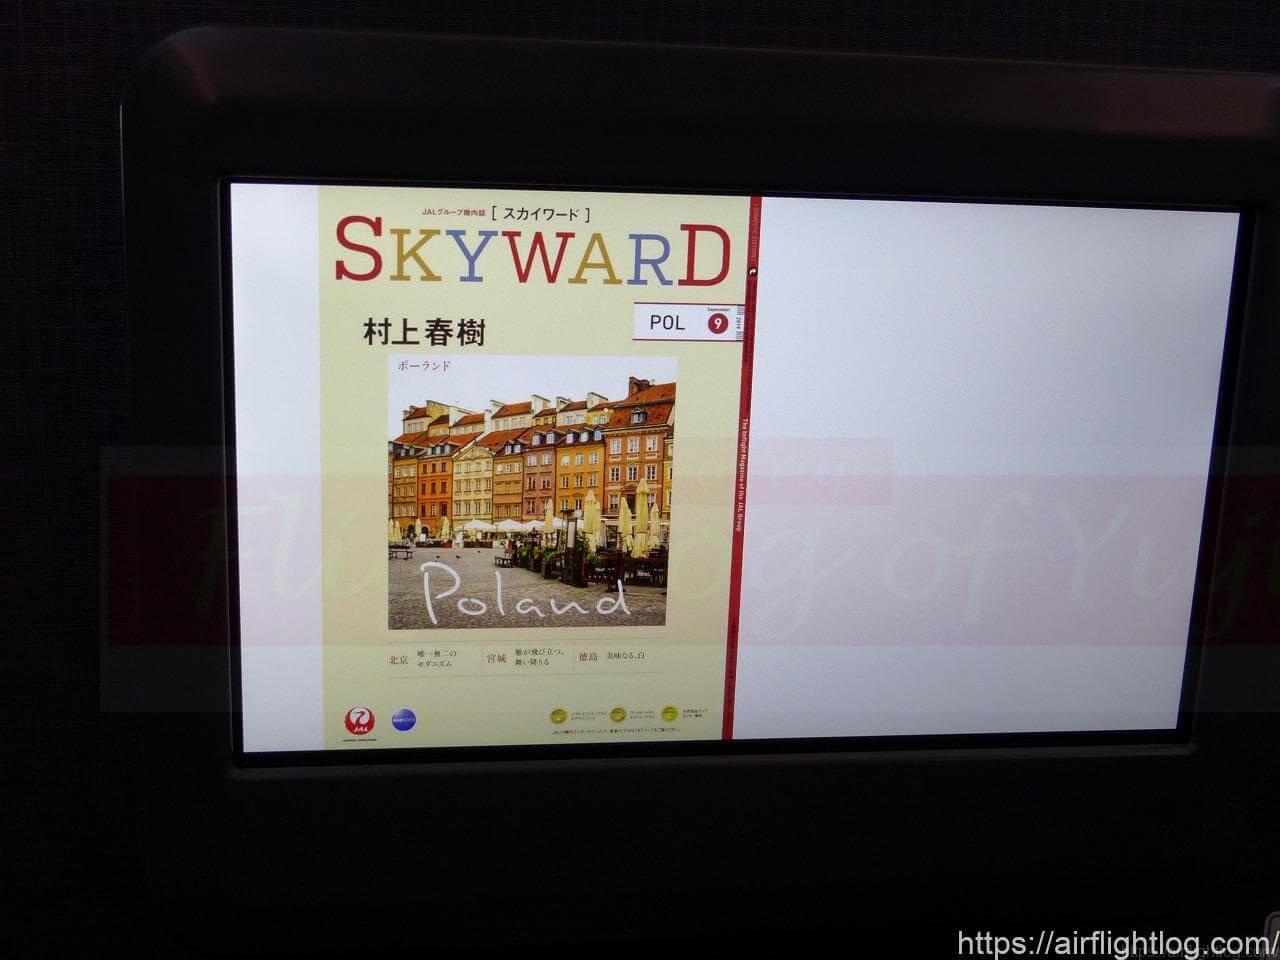 JALA350-900個人用画面「SKYWARD」